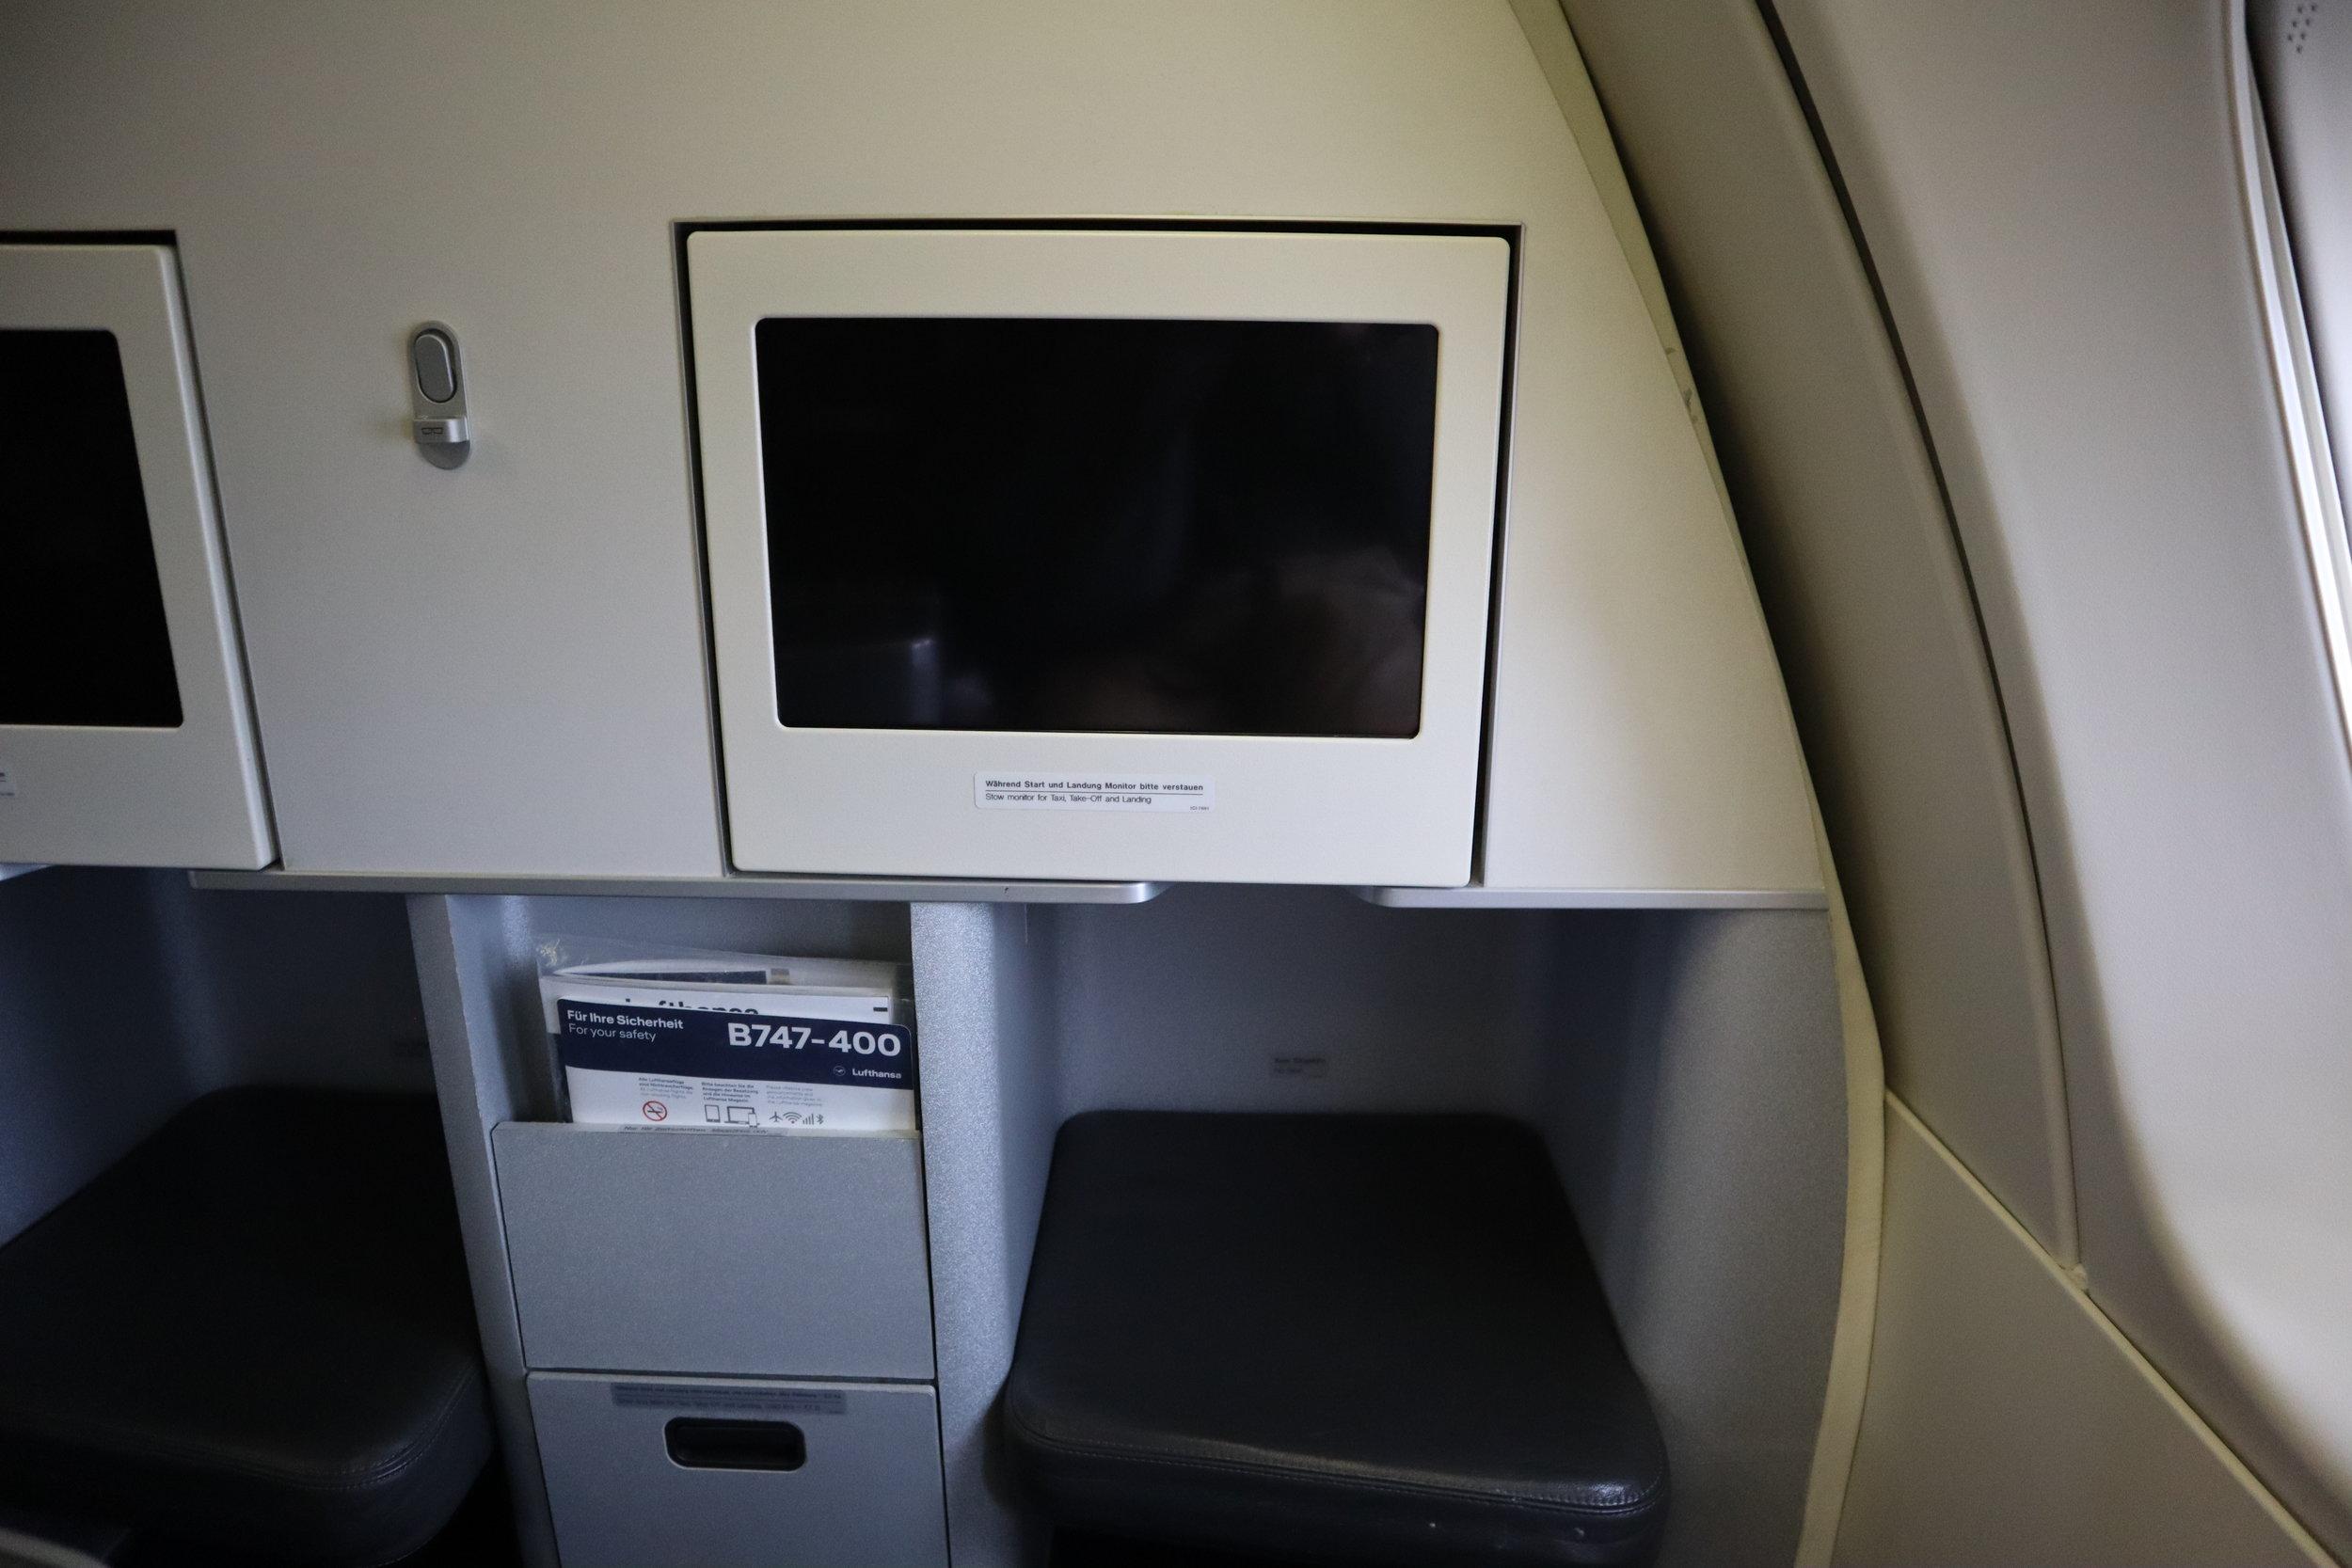 Lufthansa 747-400 business class – Entertainment screen